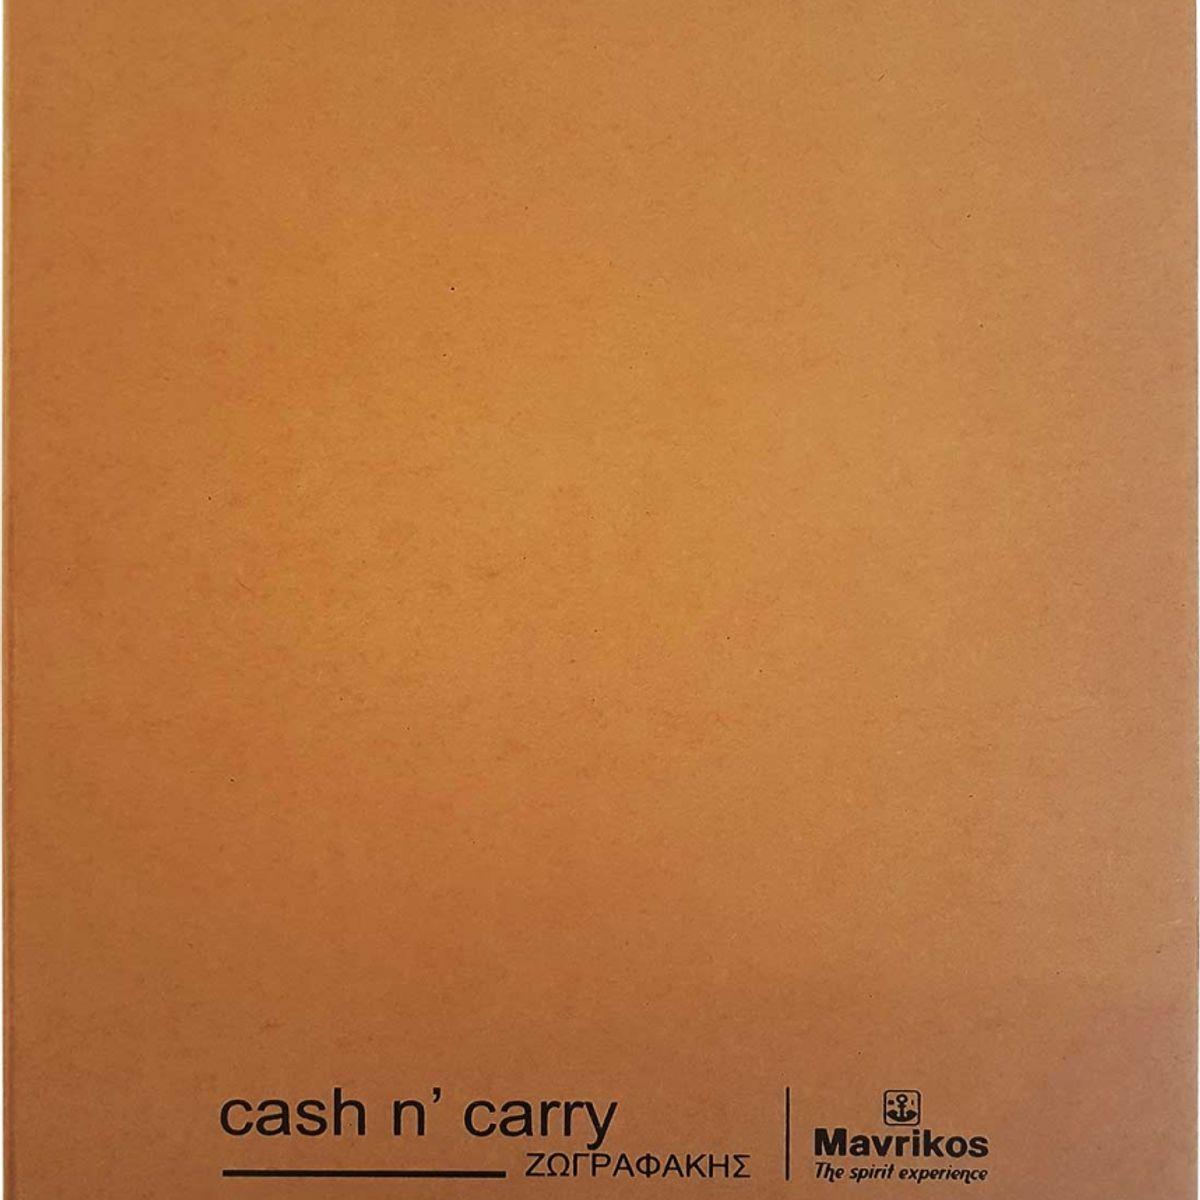 Folder - for1002